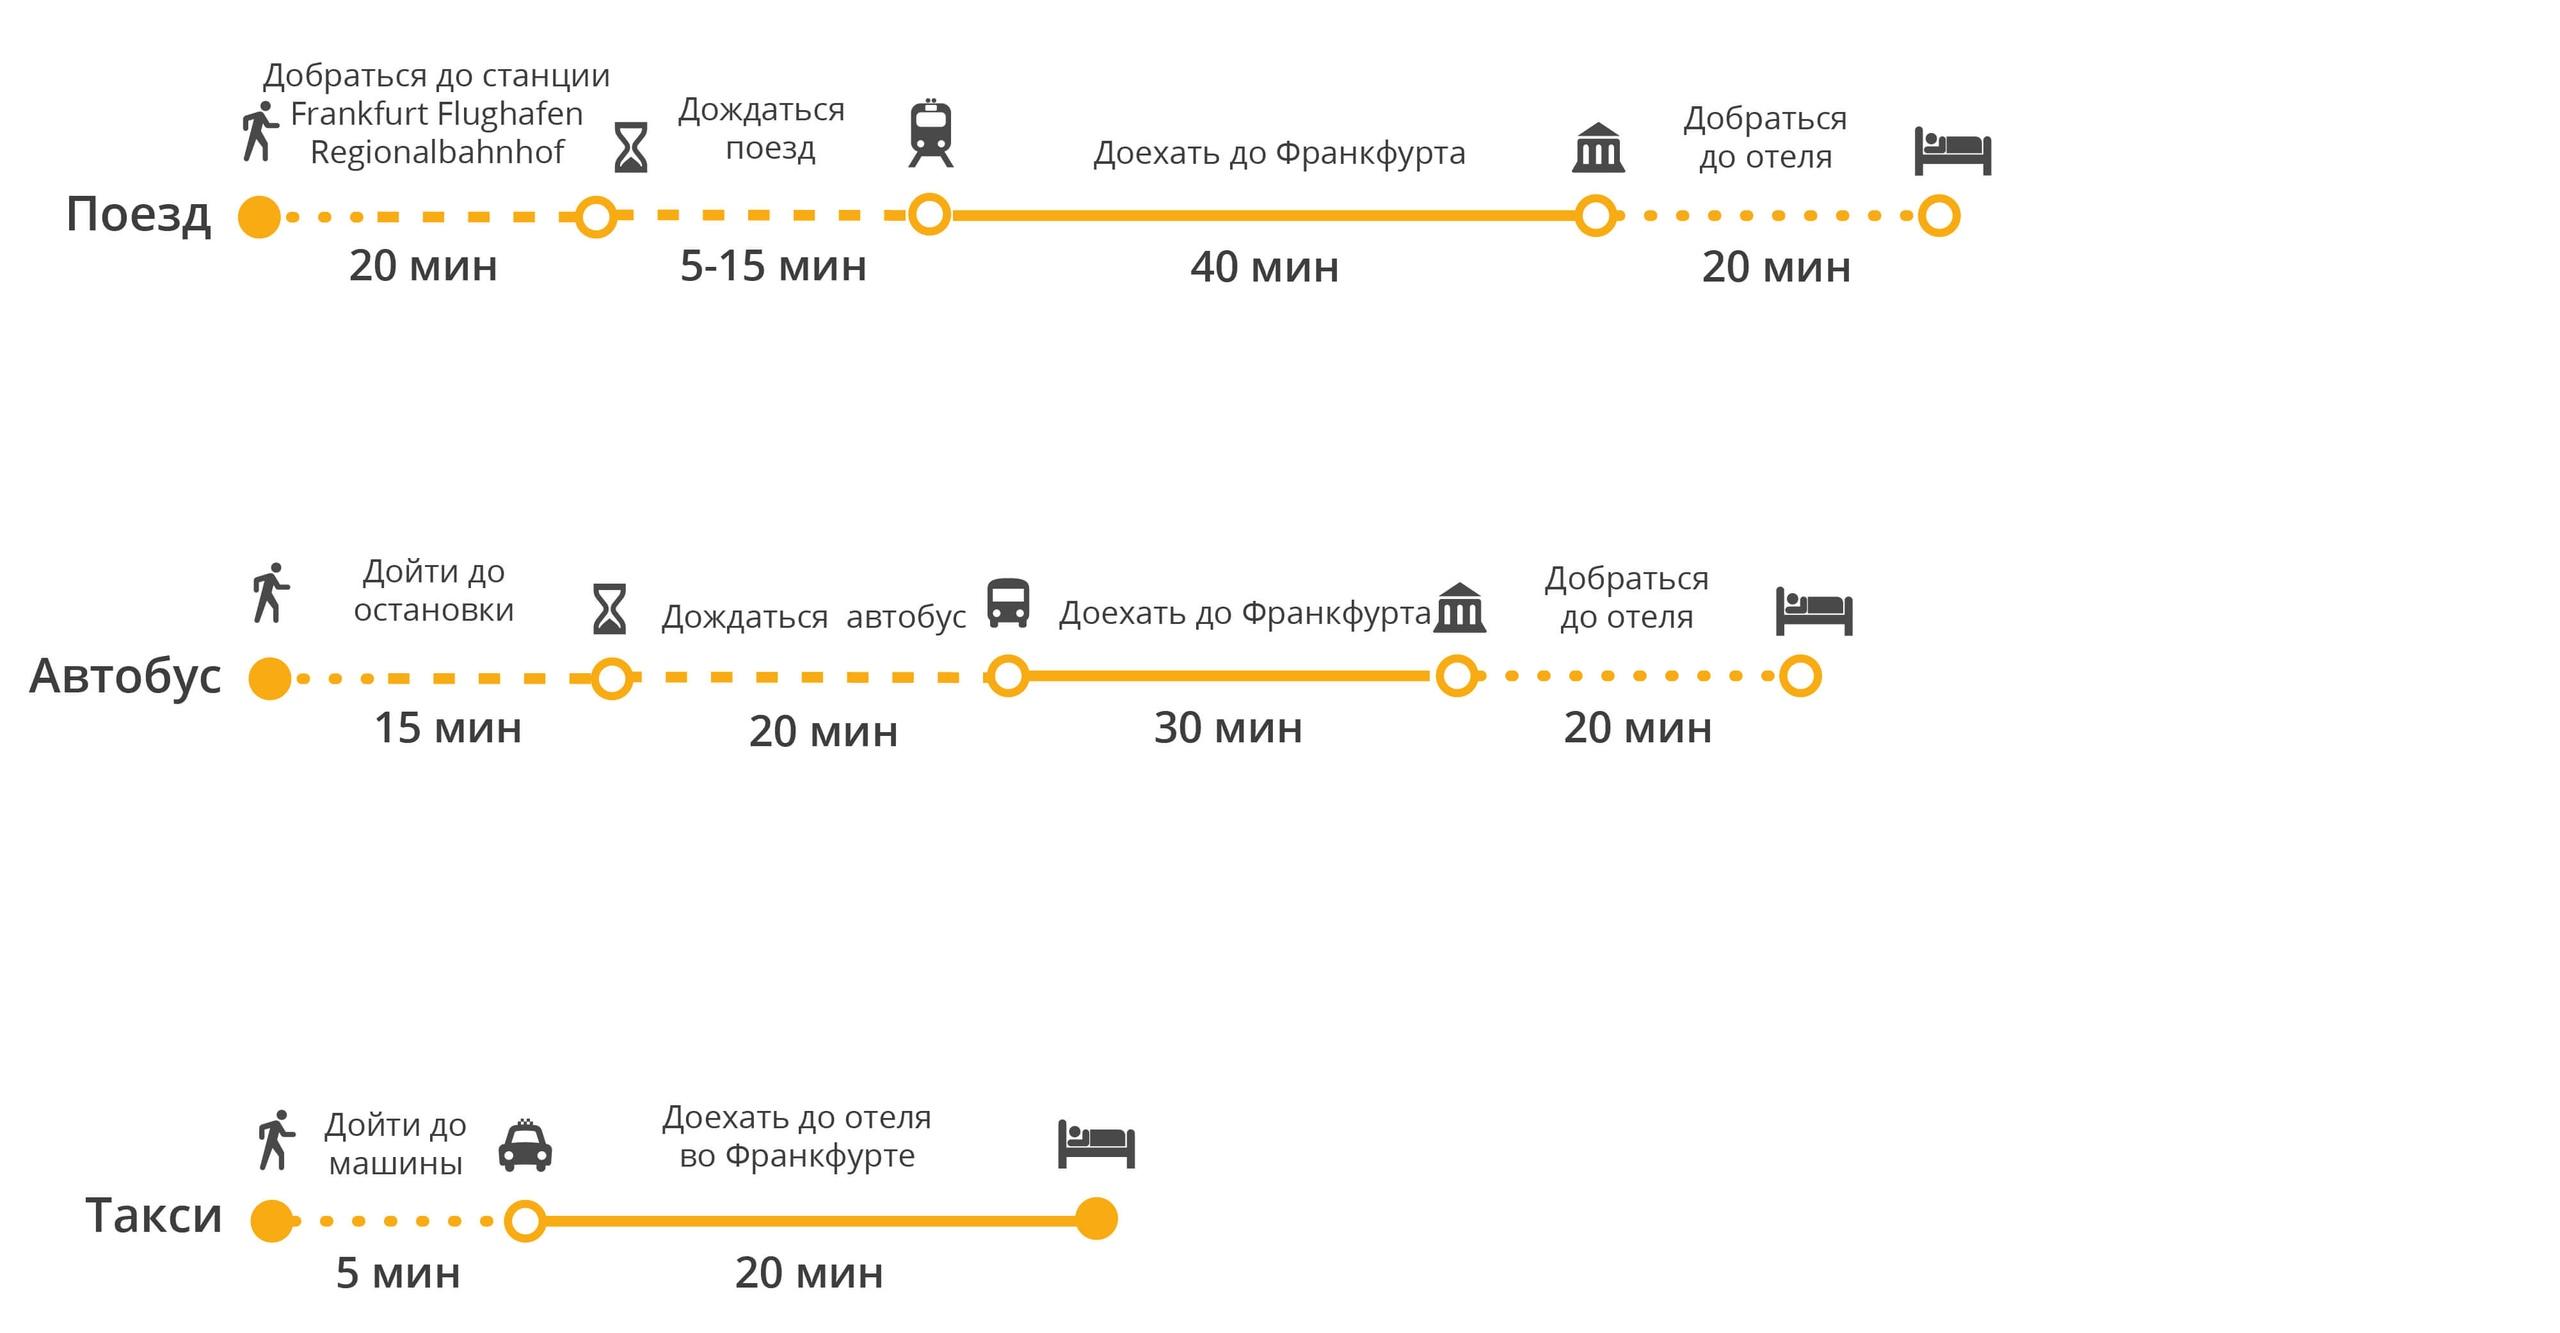 Сравнение общественного транспорта и такси